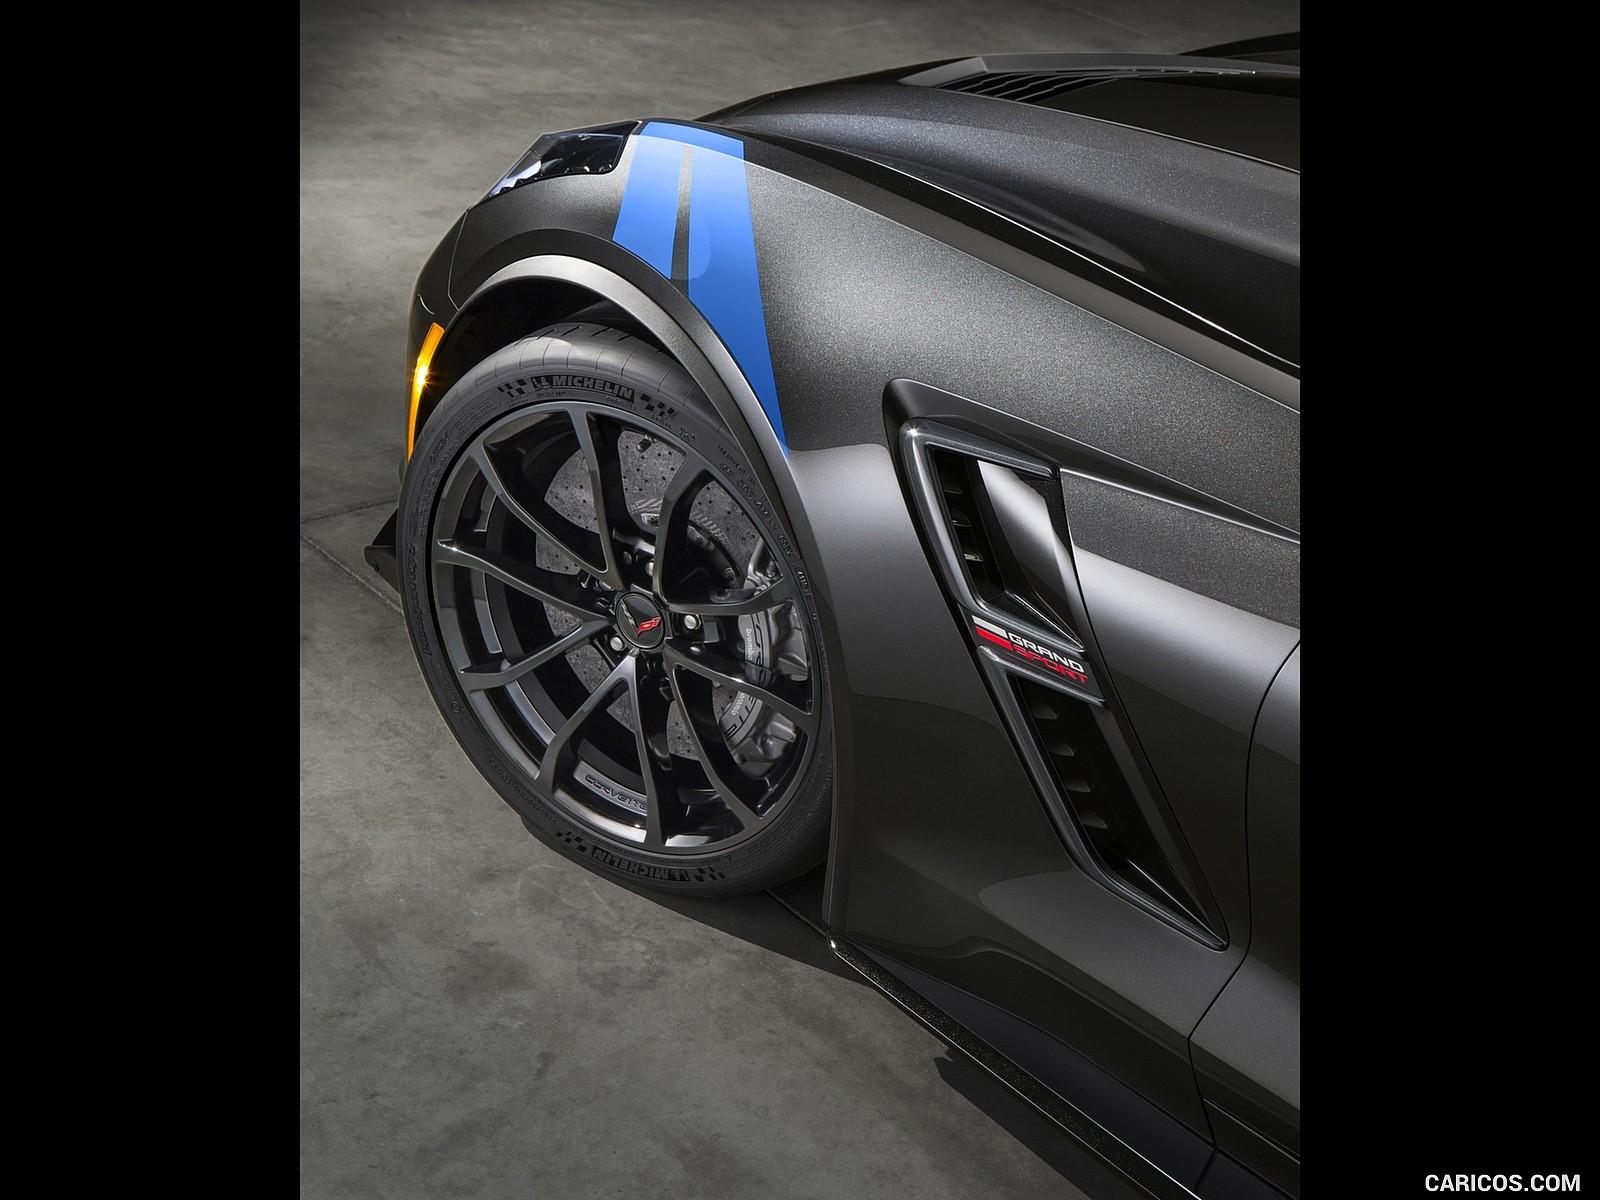 2017 Chevrolet Corvette Grand Sport black